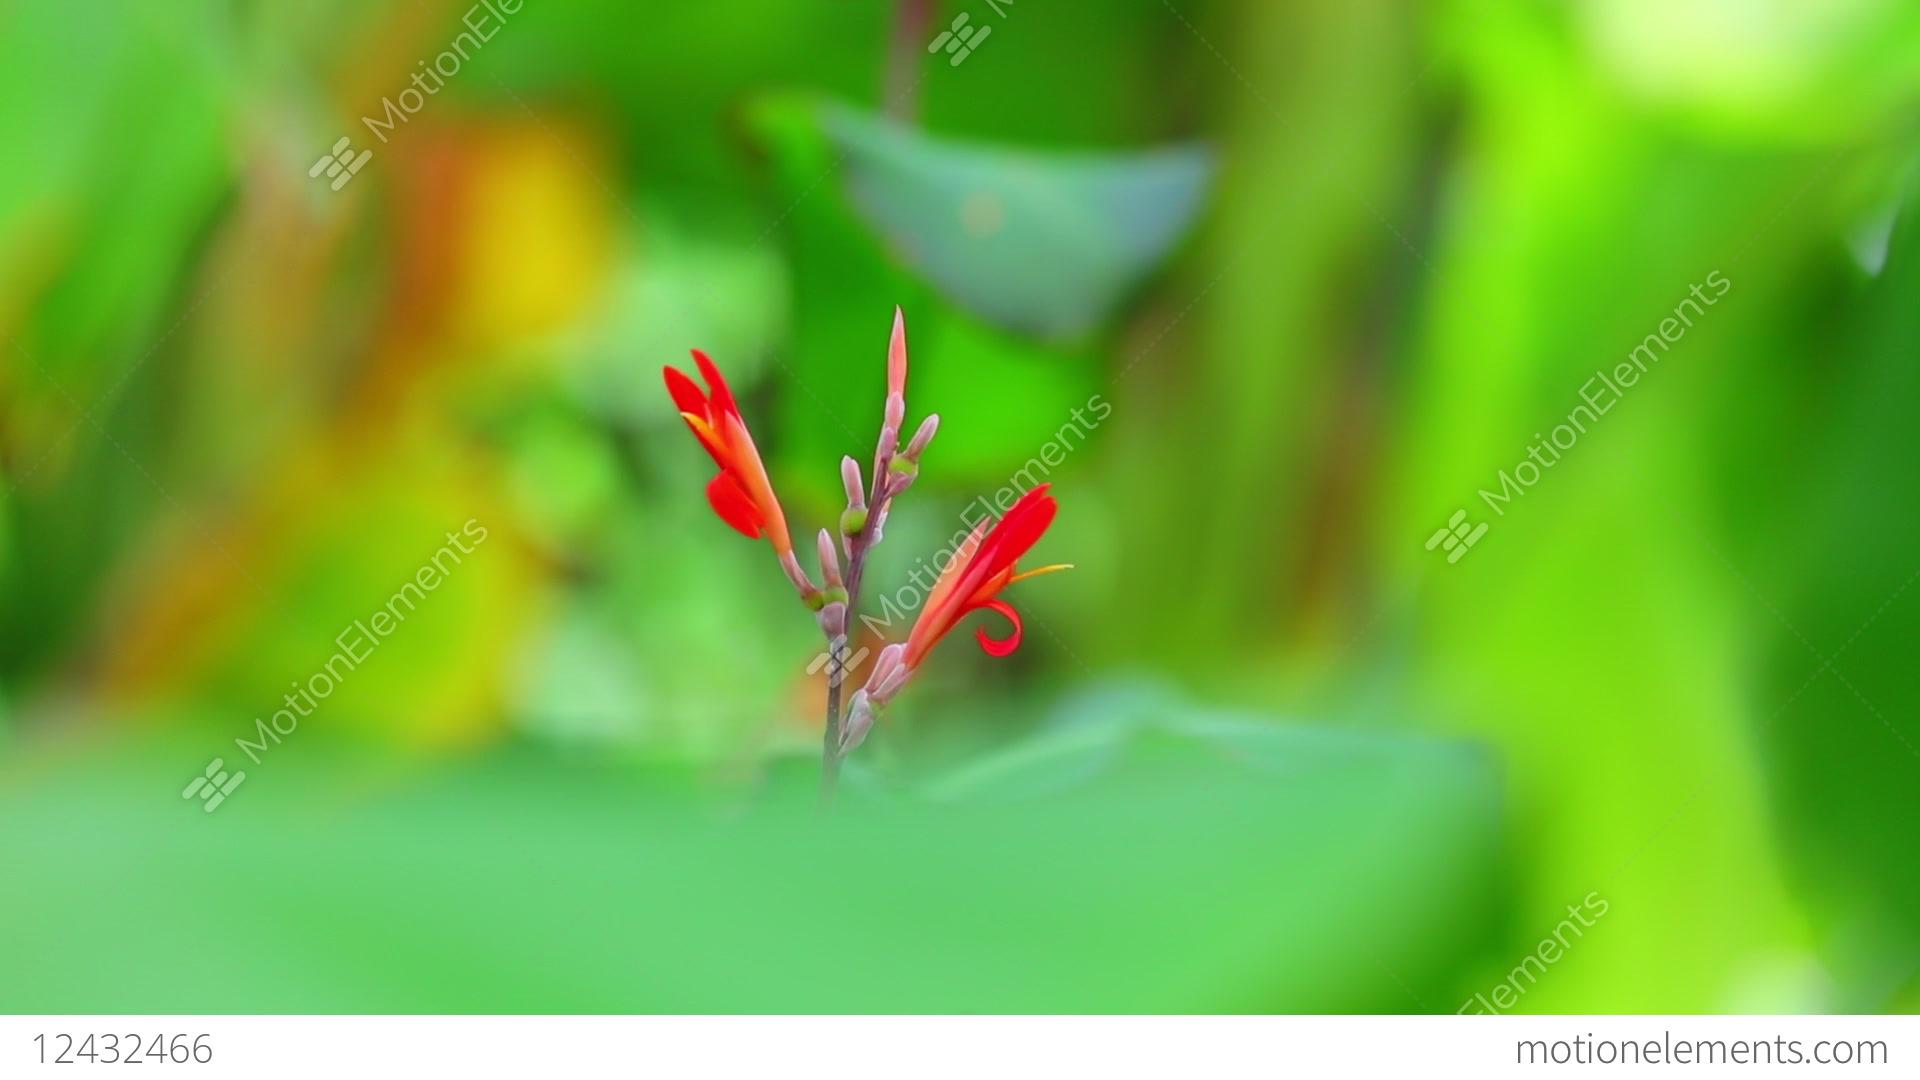 Flowers Bokeh Pic - Flowers Healthy